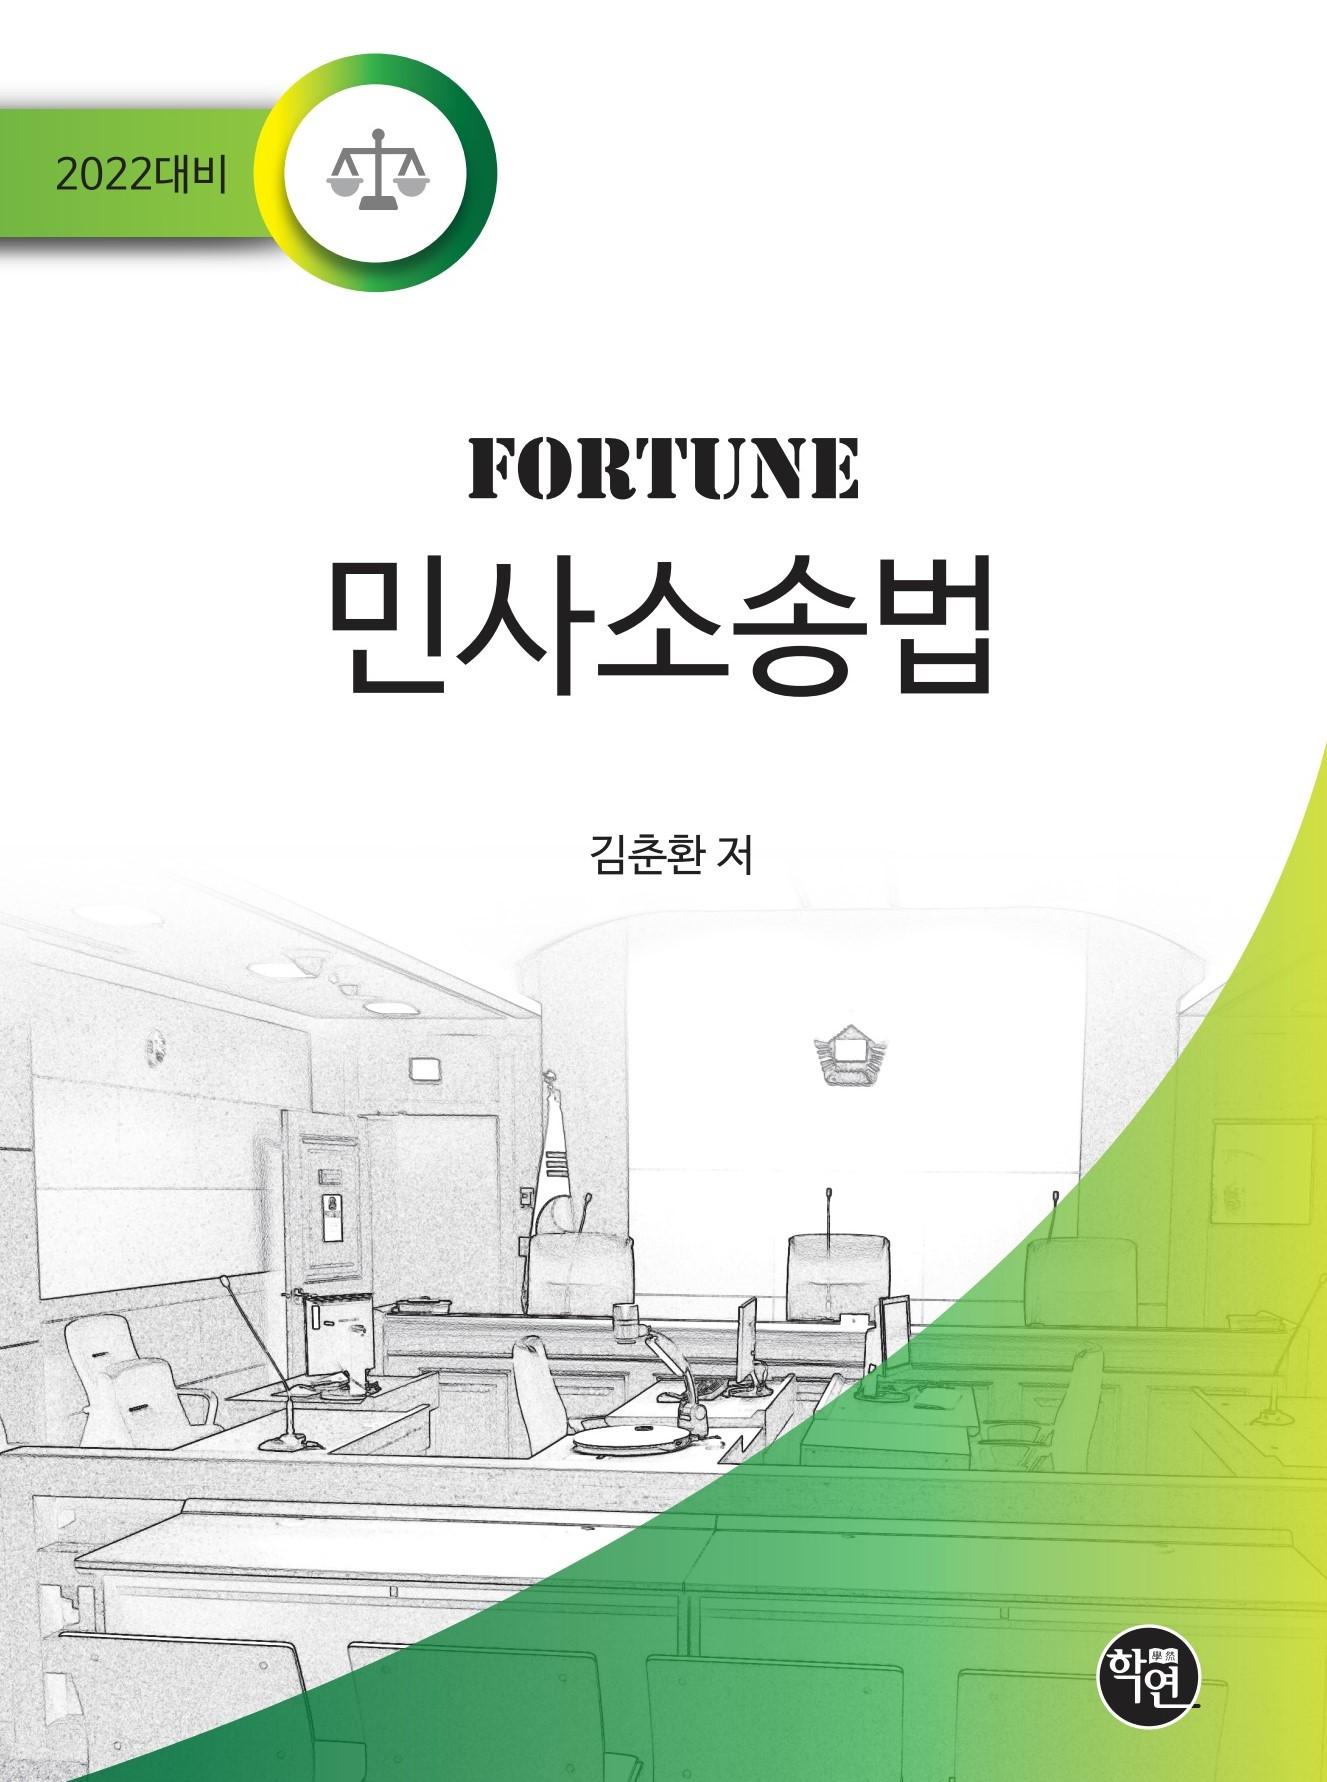 [법무사] 2022 Fortune 민사소송법 (김춘환 저)